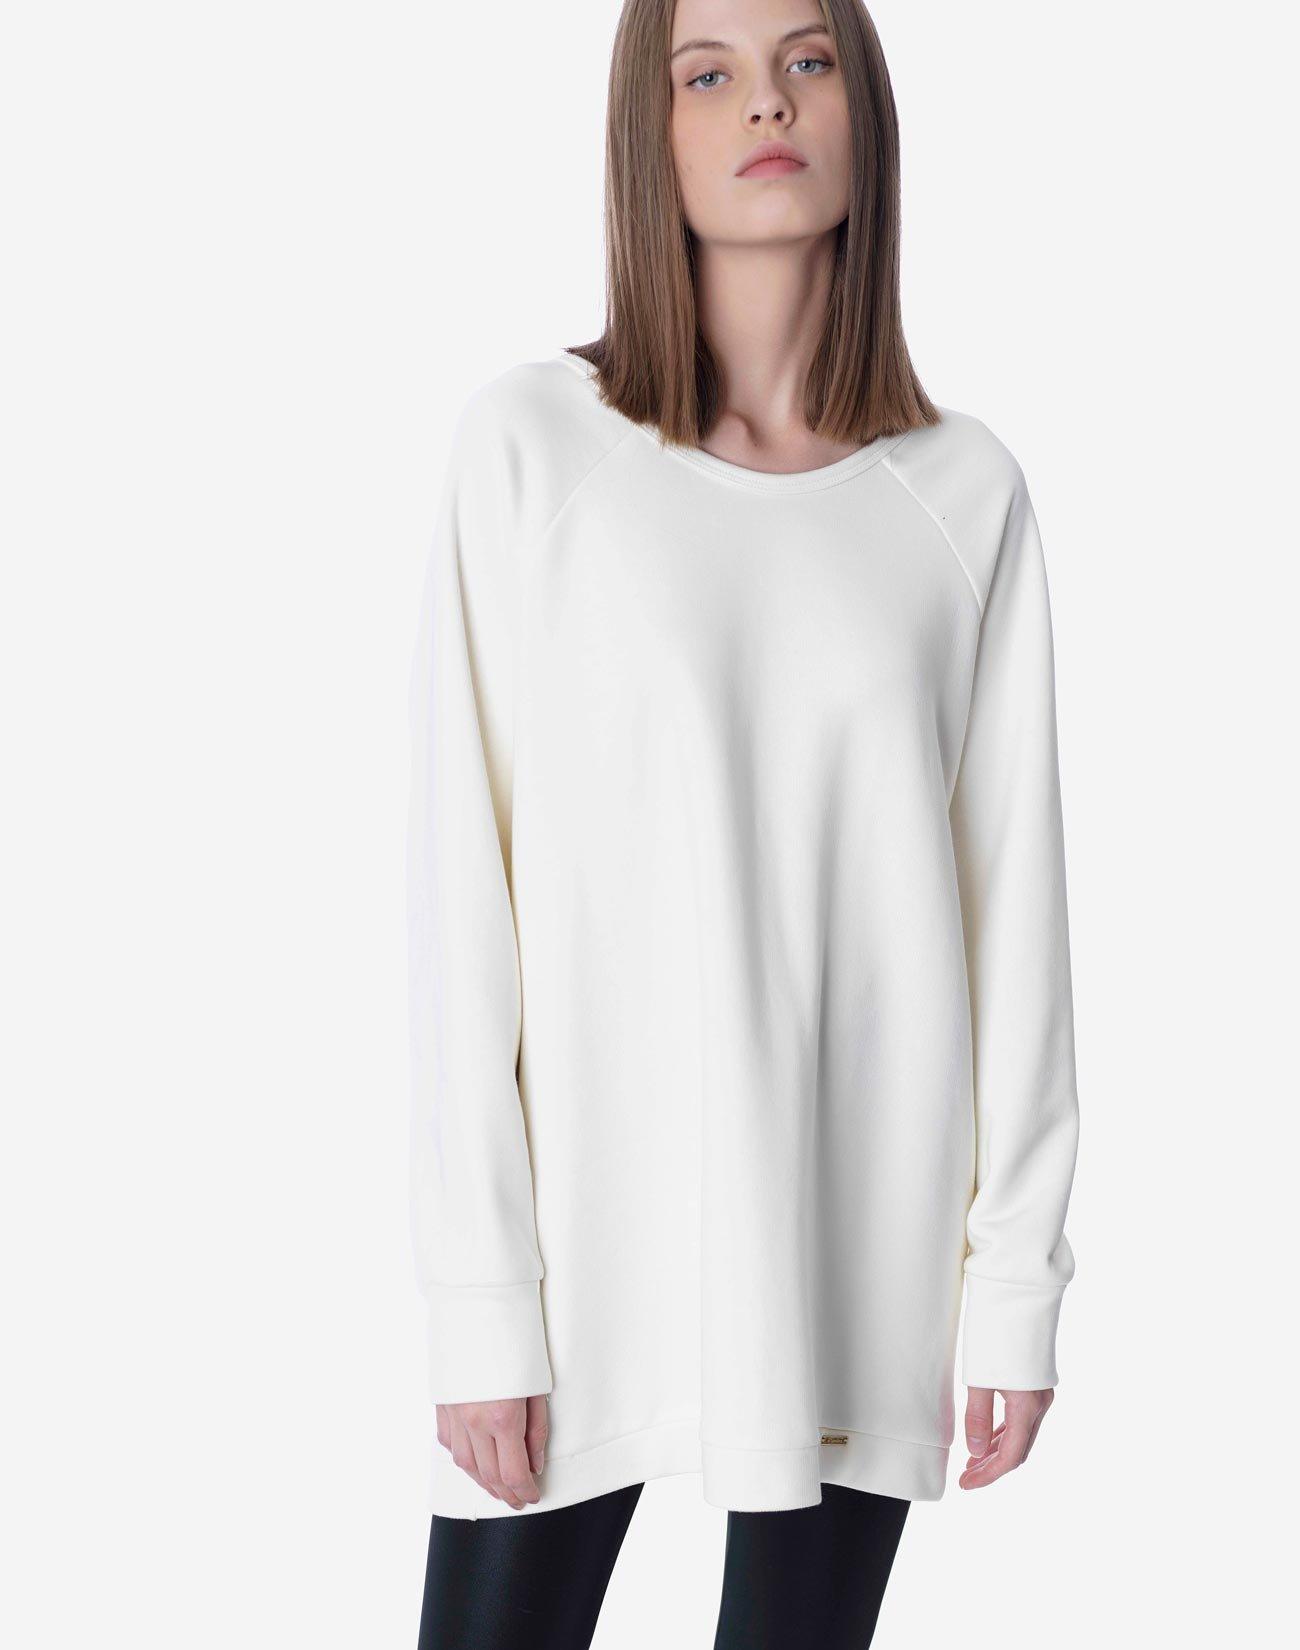 Μπλούζα φούτερ με φιόγκους